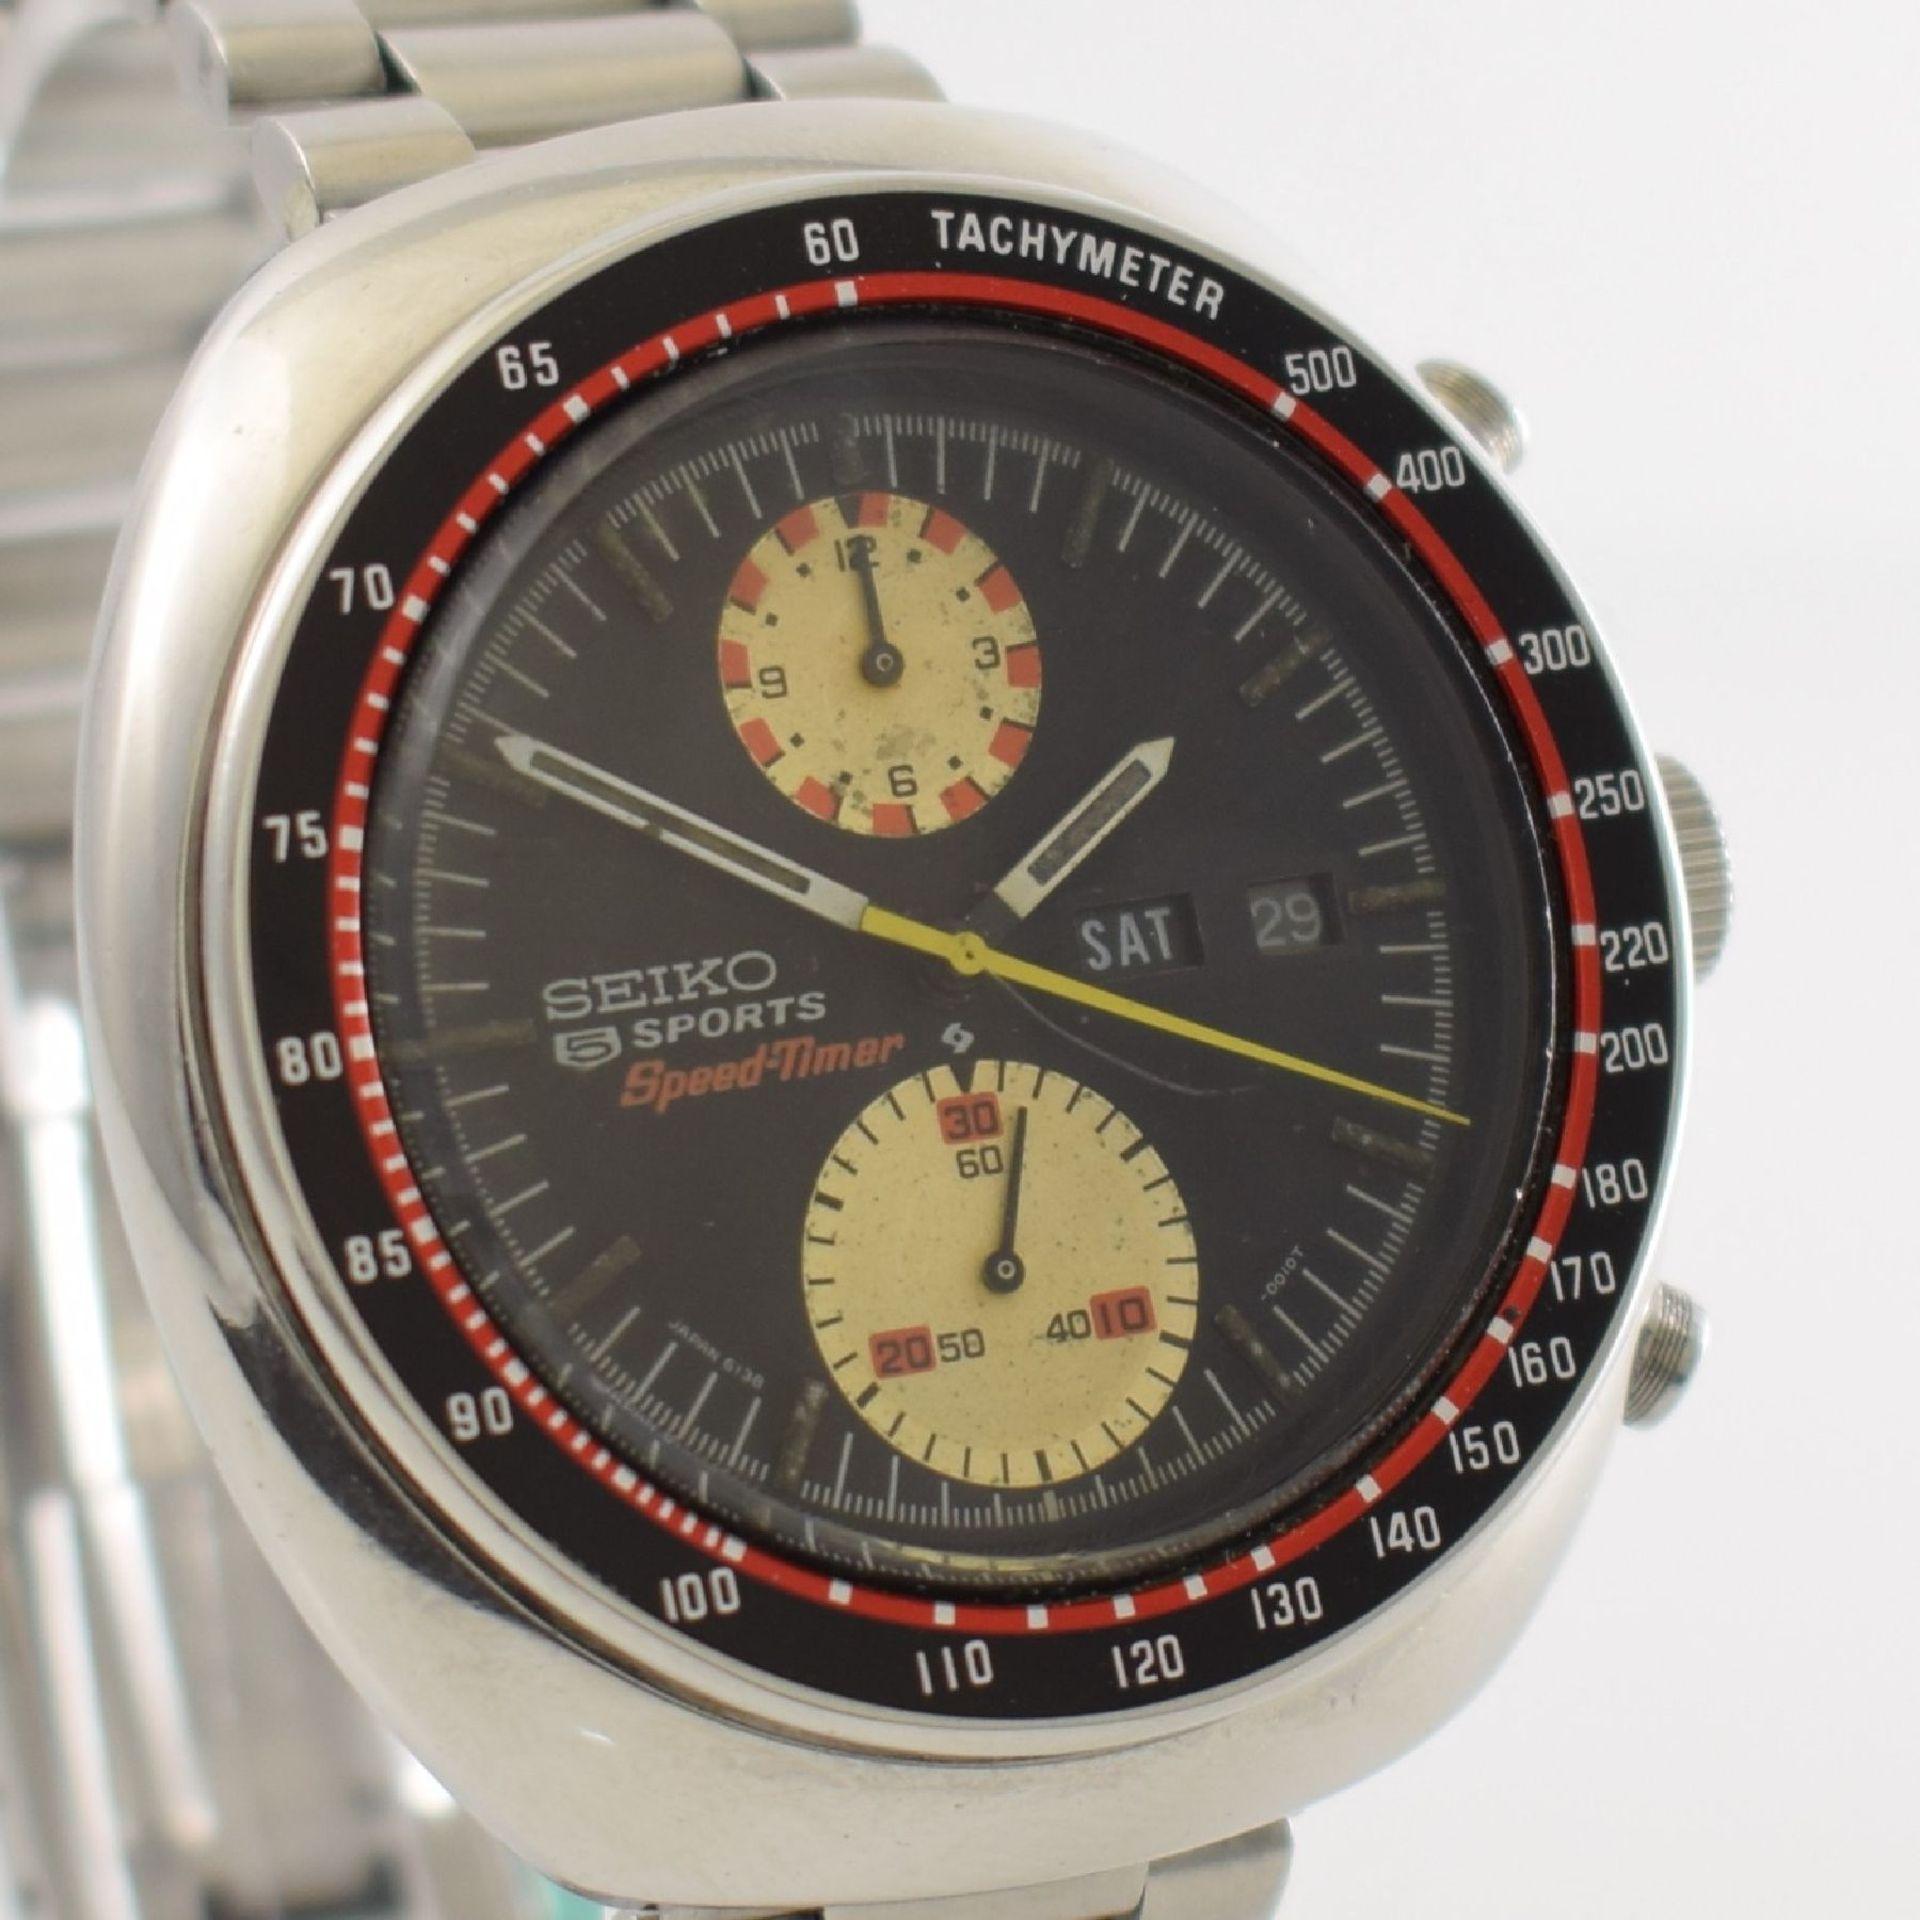 SEIKO 5 Sports Schaltradchronograph Speed-Timer, Automatik, Japan für den dtsch. Markt um 1970, Ref. - Bild 6 aus 8